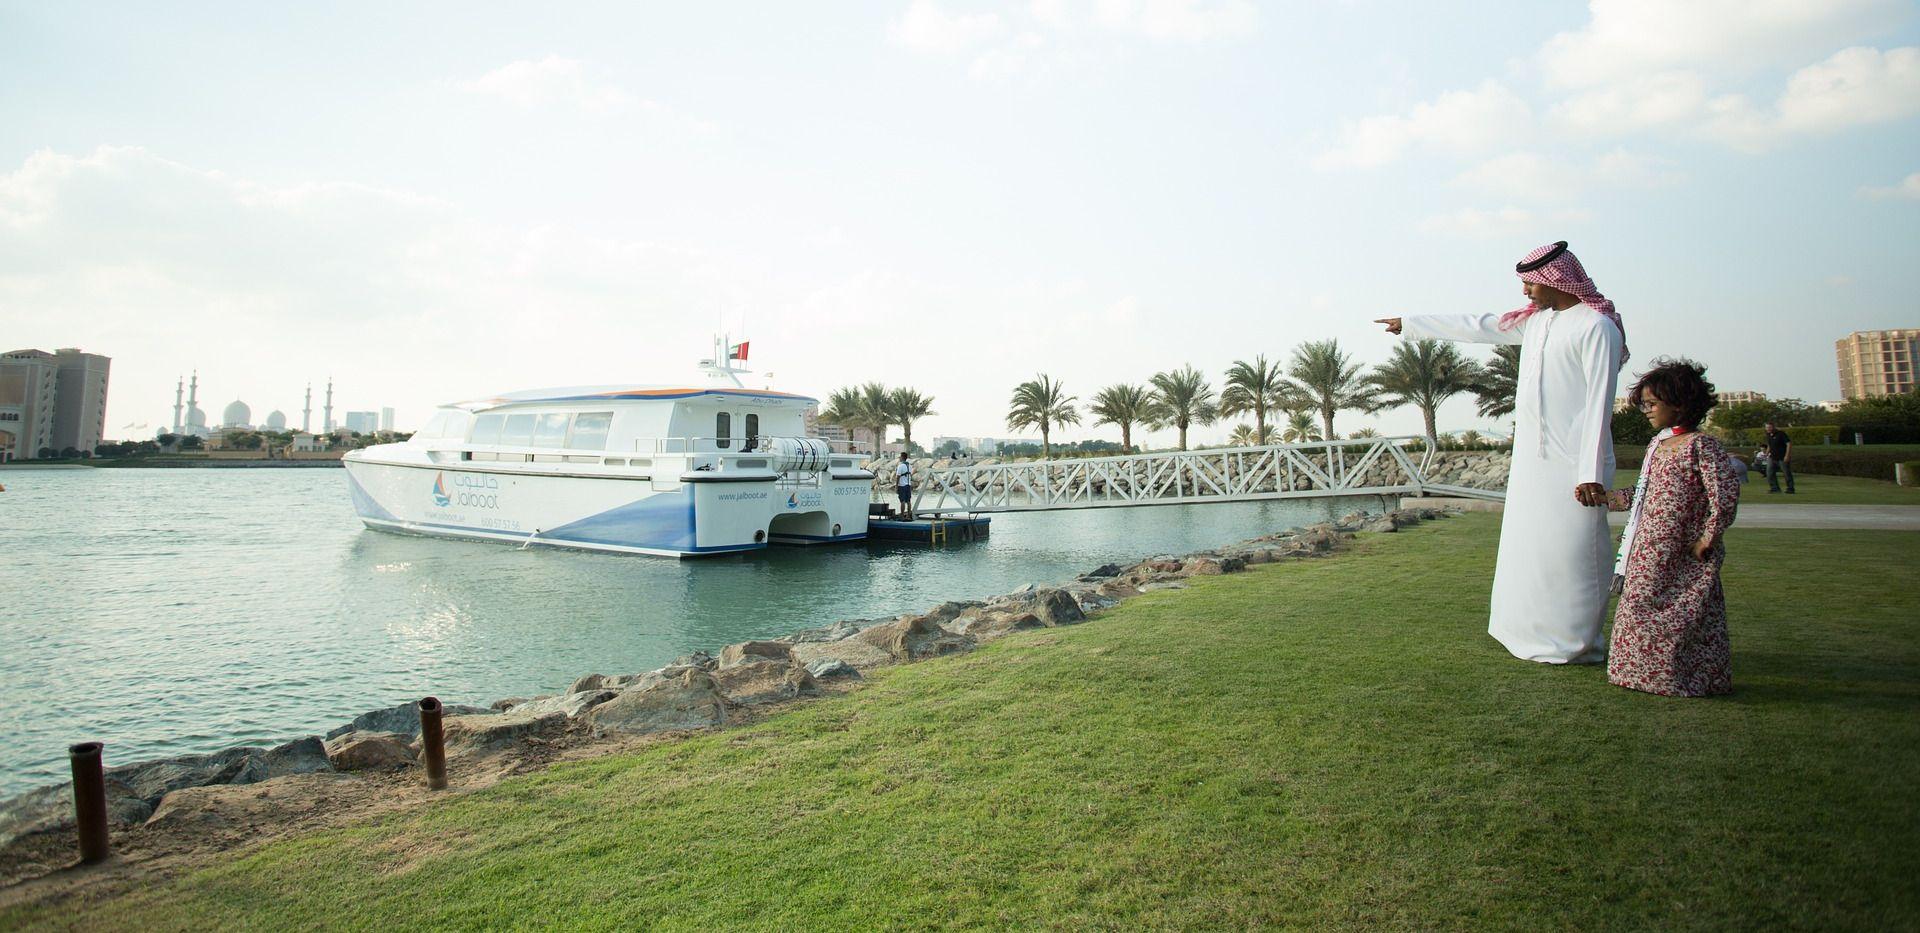 UAE savjetuje građanima da izbjegavaju tradicionalnu odjeću kada putuju u inozemstvo